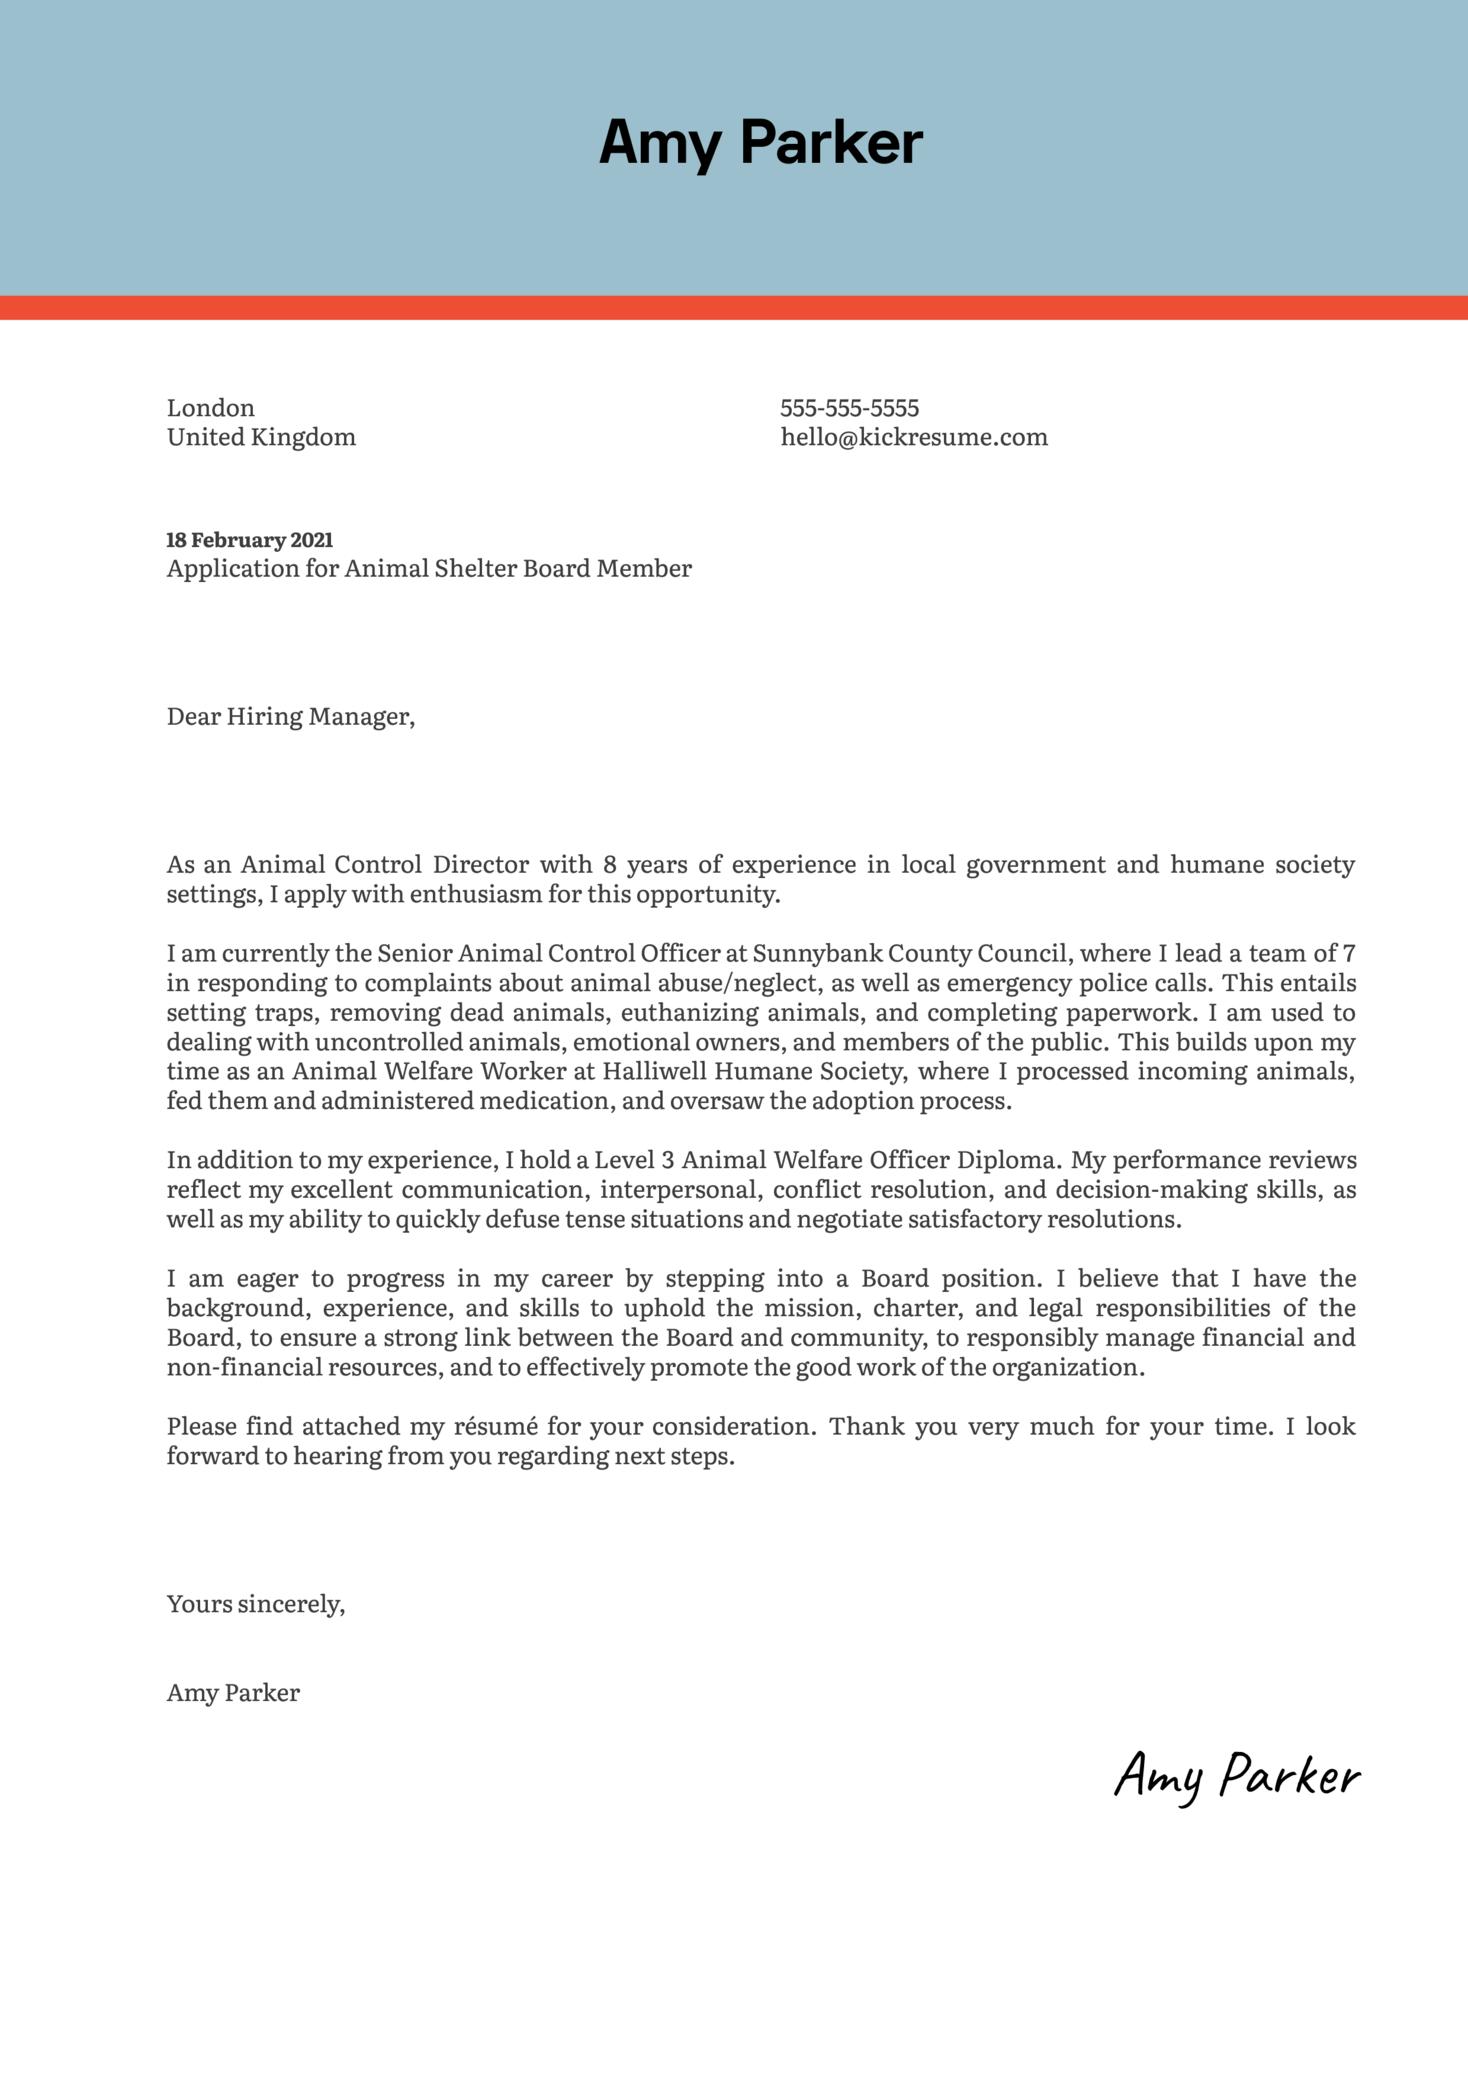 Animal Shelter Board Member Cover Letter Sample